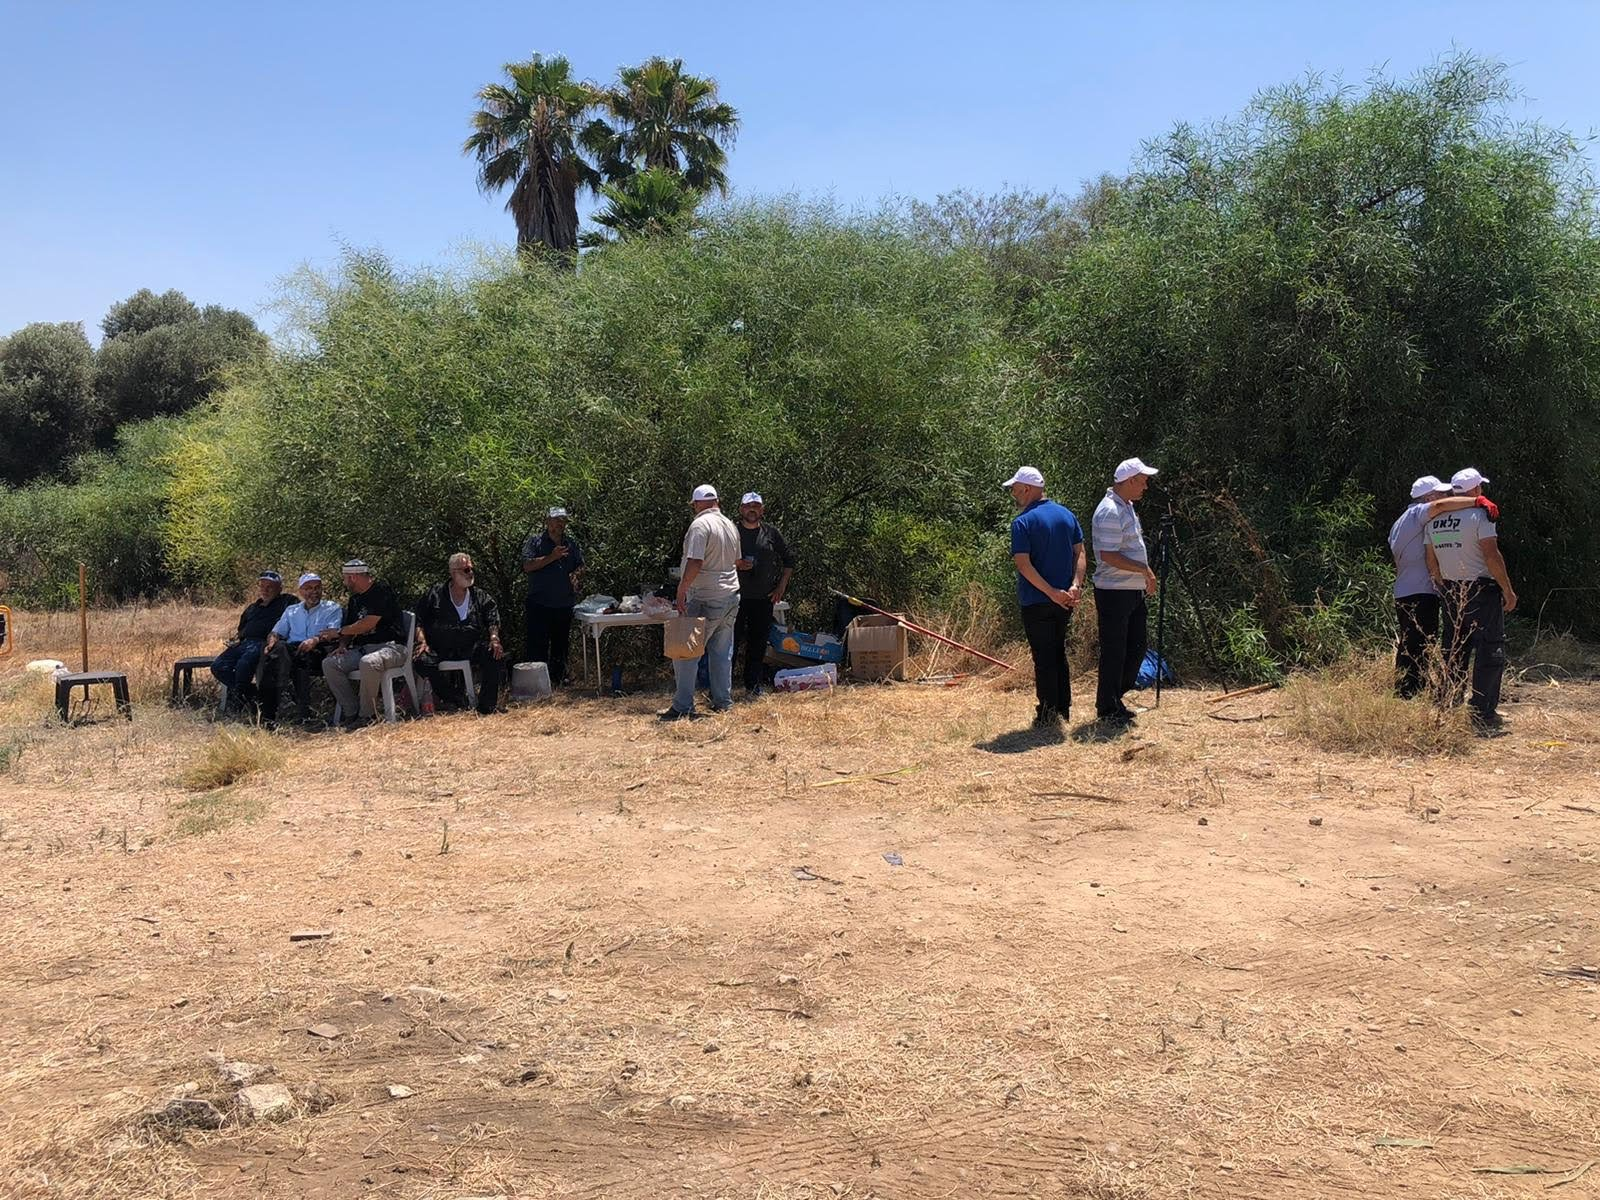 العشرات من أهالي مدينة حيفا وام الفحم يشاركون بترميم مقبرة القسام في حيفا-2